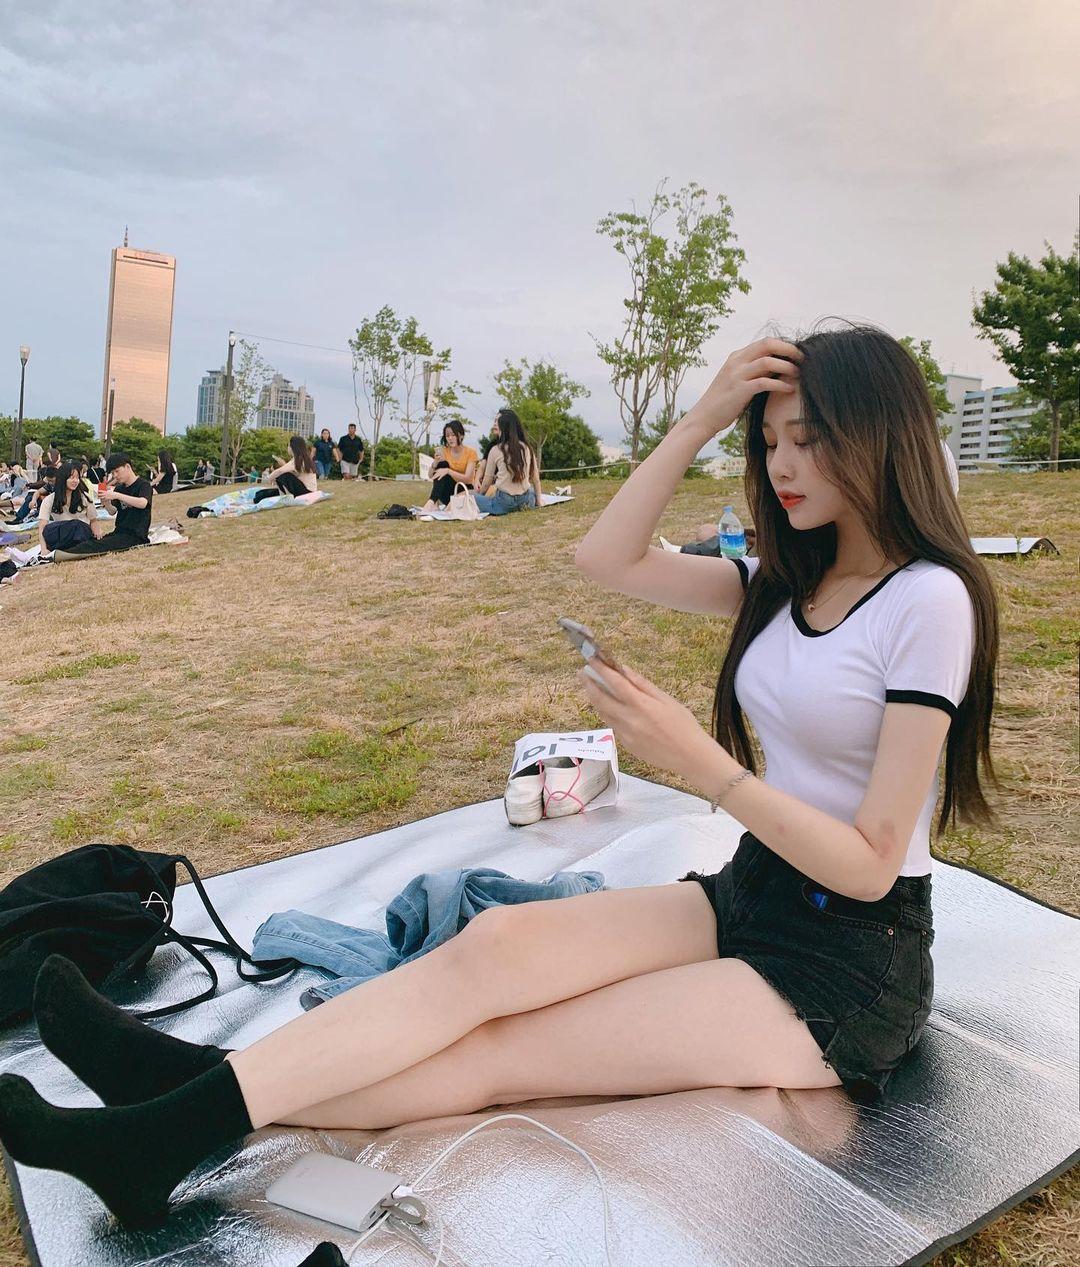 韩国长腿妹子@u hangyeong吴汉京比基尼福利照片 妹子图 热图2